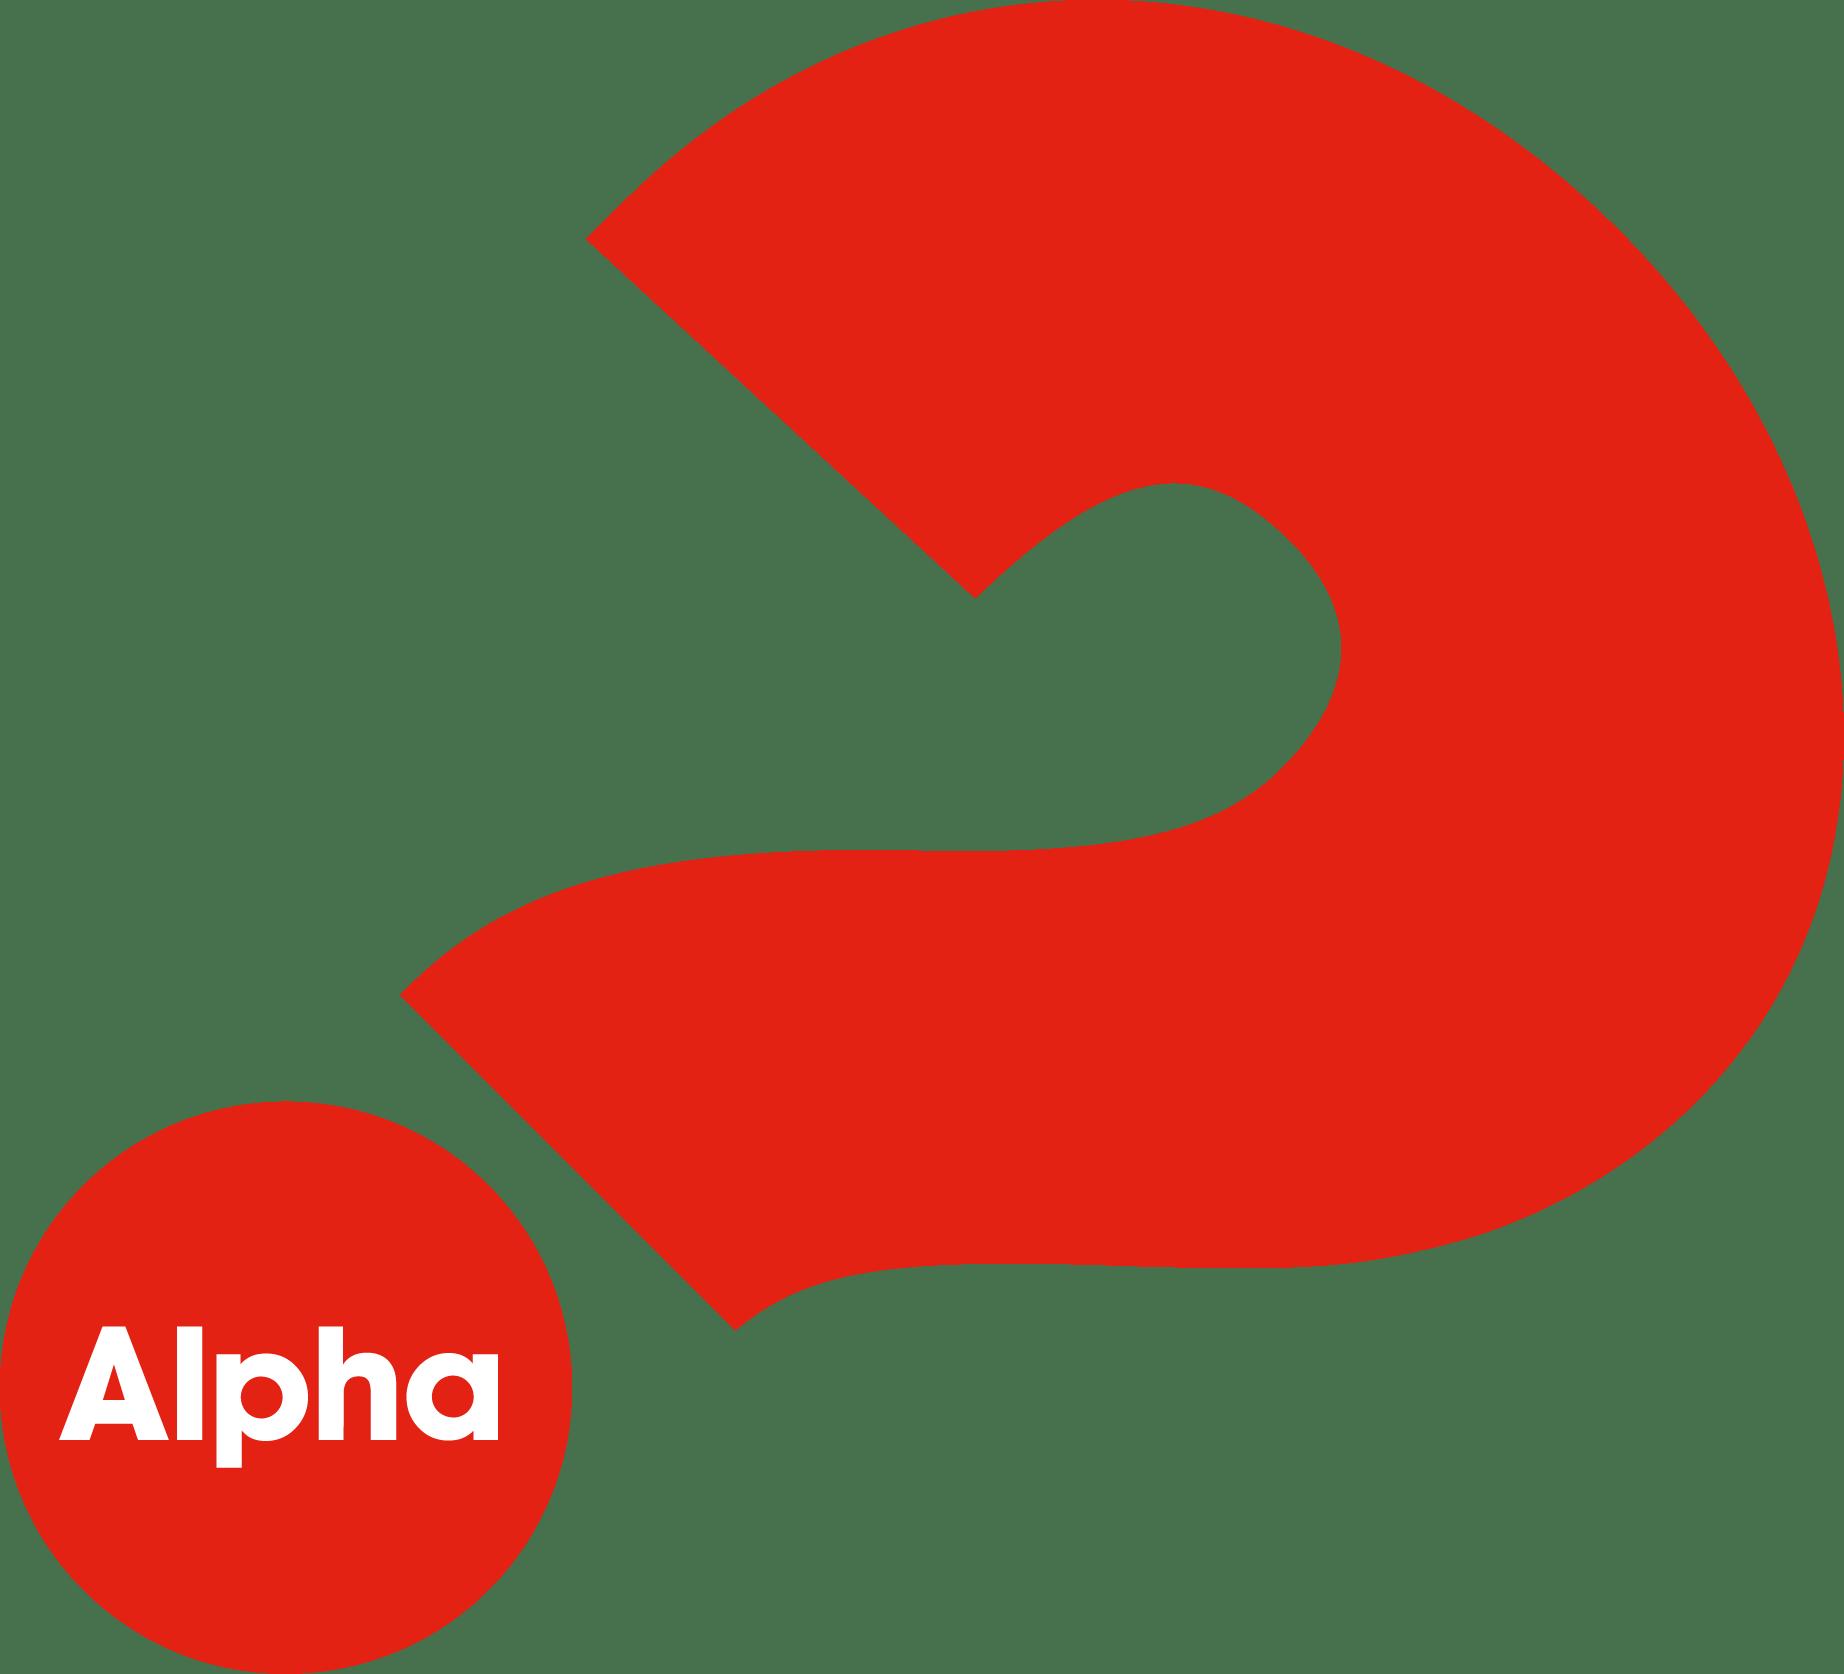 alpha logo course vector eps free download logo icons